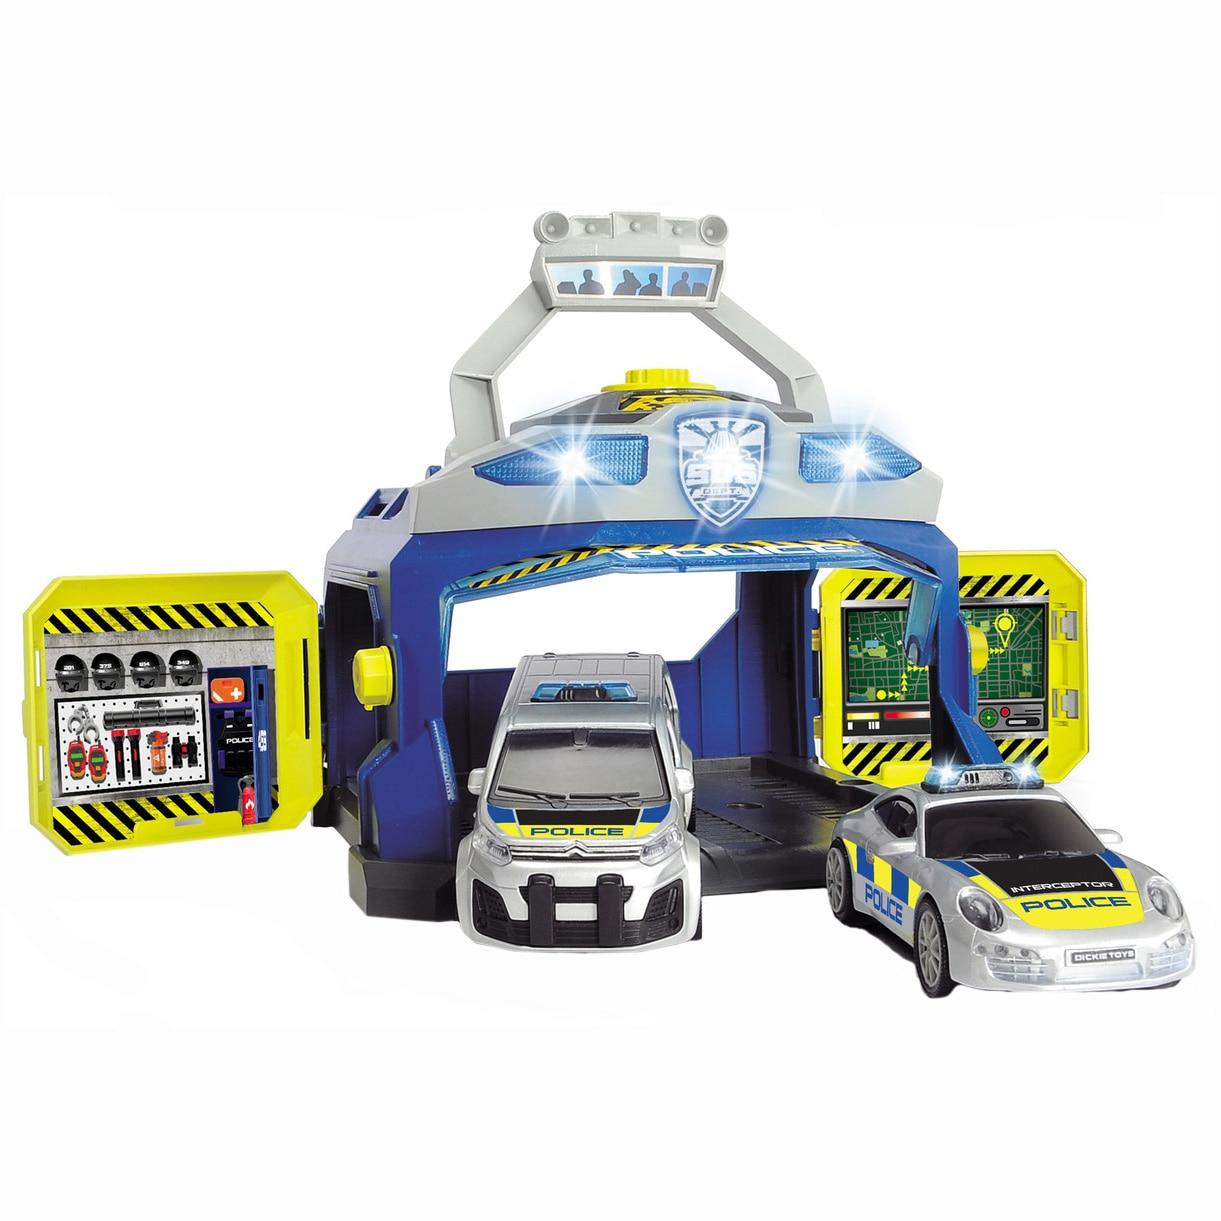 Fotografie Set de joaca Dickie Toys - Centrul de comanda al politiei